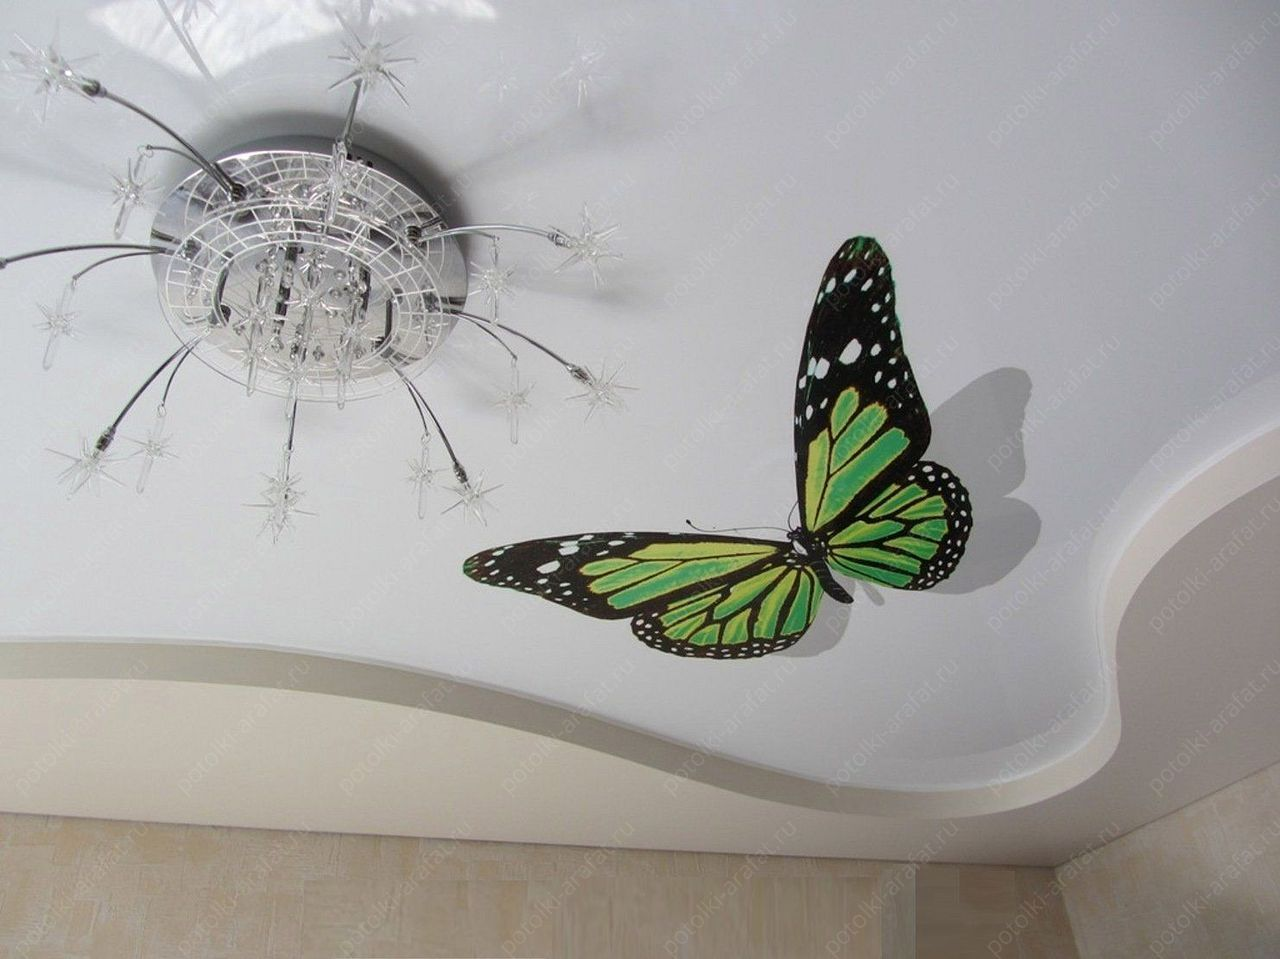 Какой натяжной потолок выбрать: со швом или без шва?